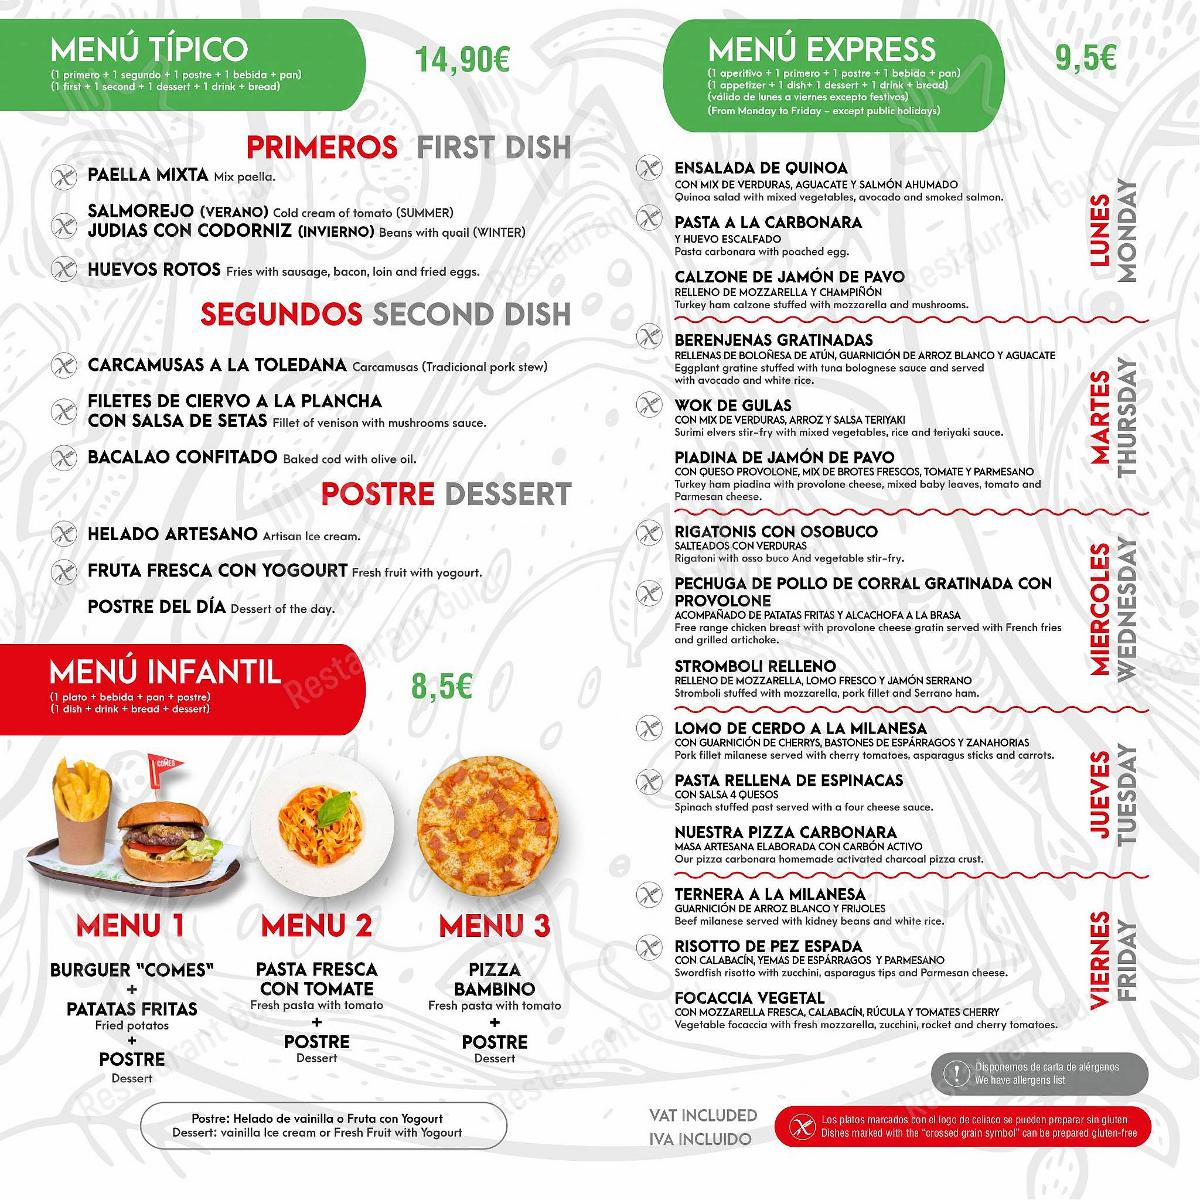 Меню для посетителей пиццерии Restaurante Pizzería COMES